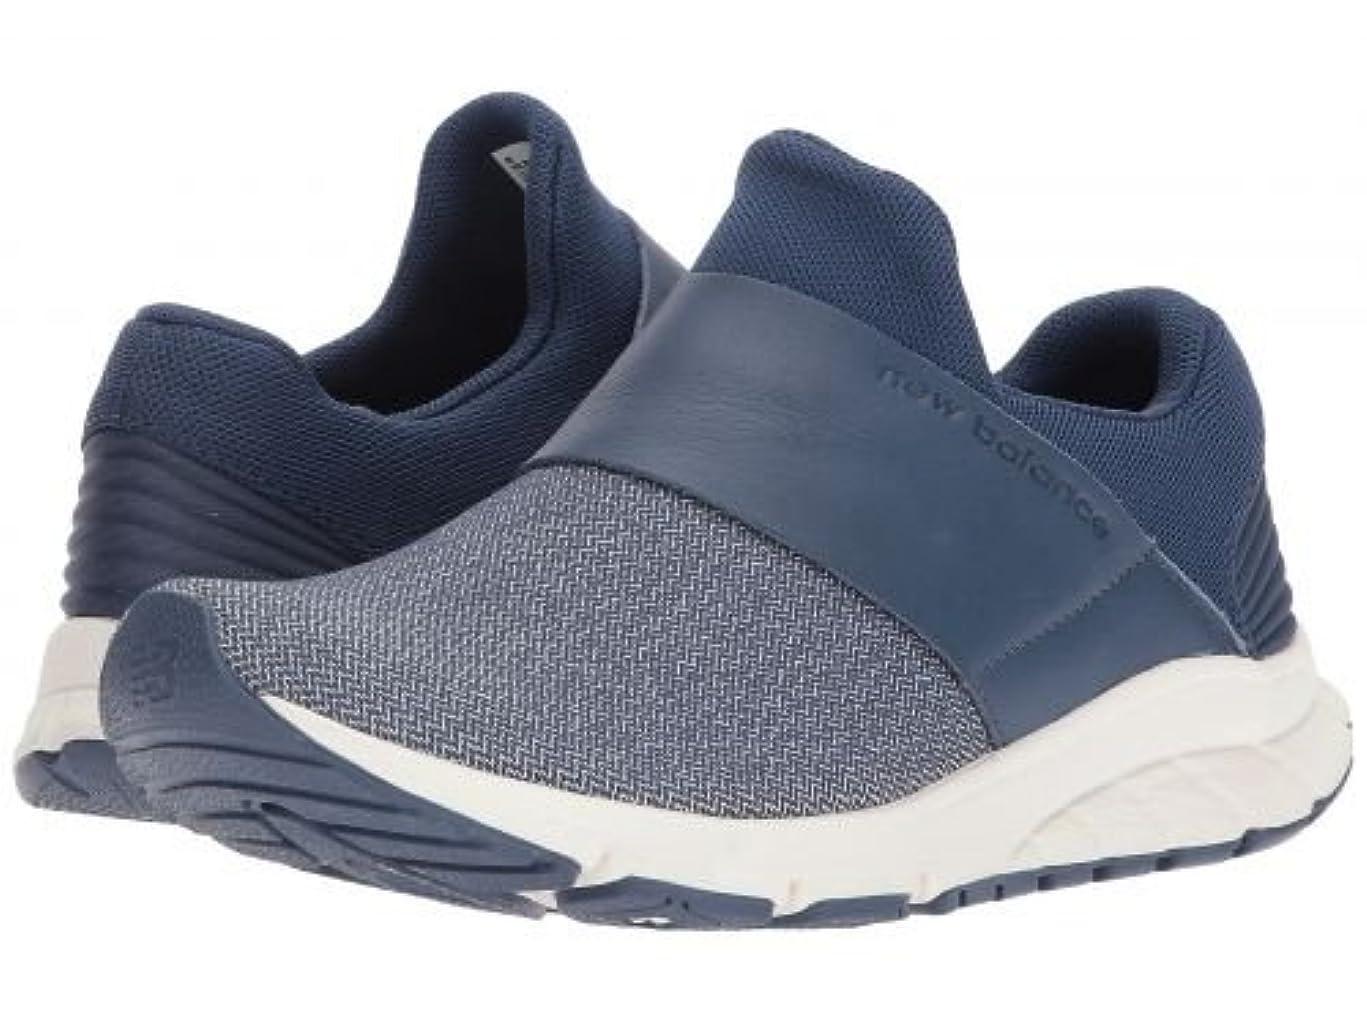 に慣れ拒否ゼロNew Balance Classics(ニューバランス クラシック) レディース 女性用 シューズ 靴 スニーカー 運動靴 WLRUSHV - Vintage Indigo/White 10 B - Medium [並行輸入品]